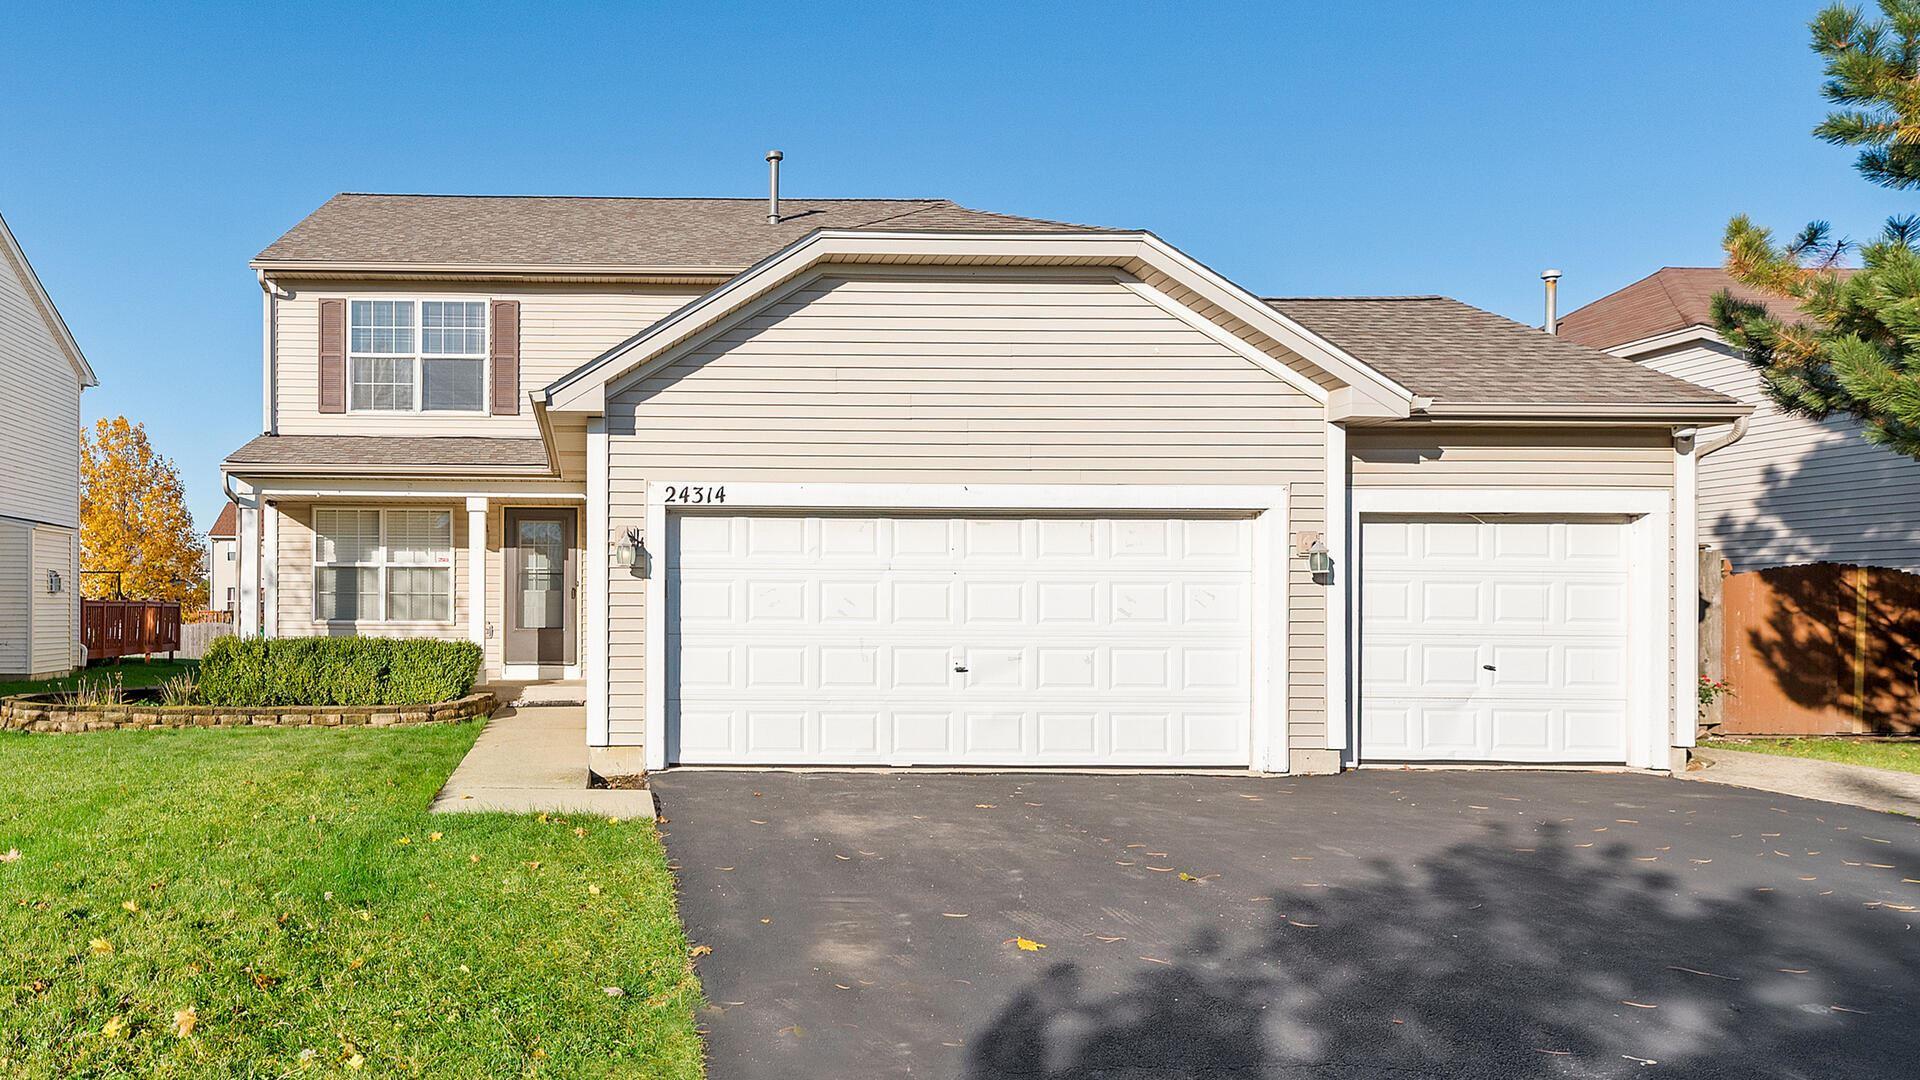 Photo of 24314 WALNUT Circle, Plainfield, IL 60585 (MLS # 10916867)